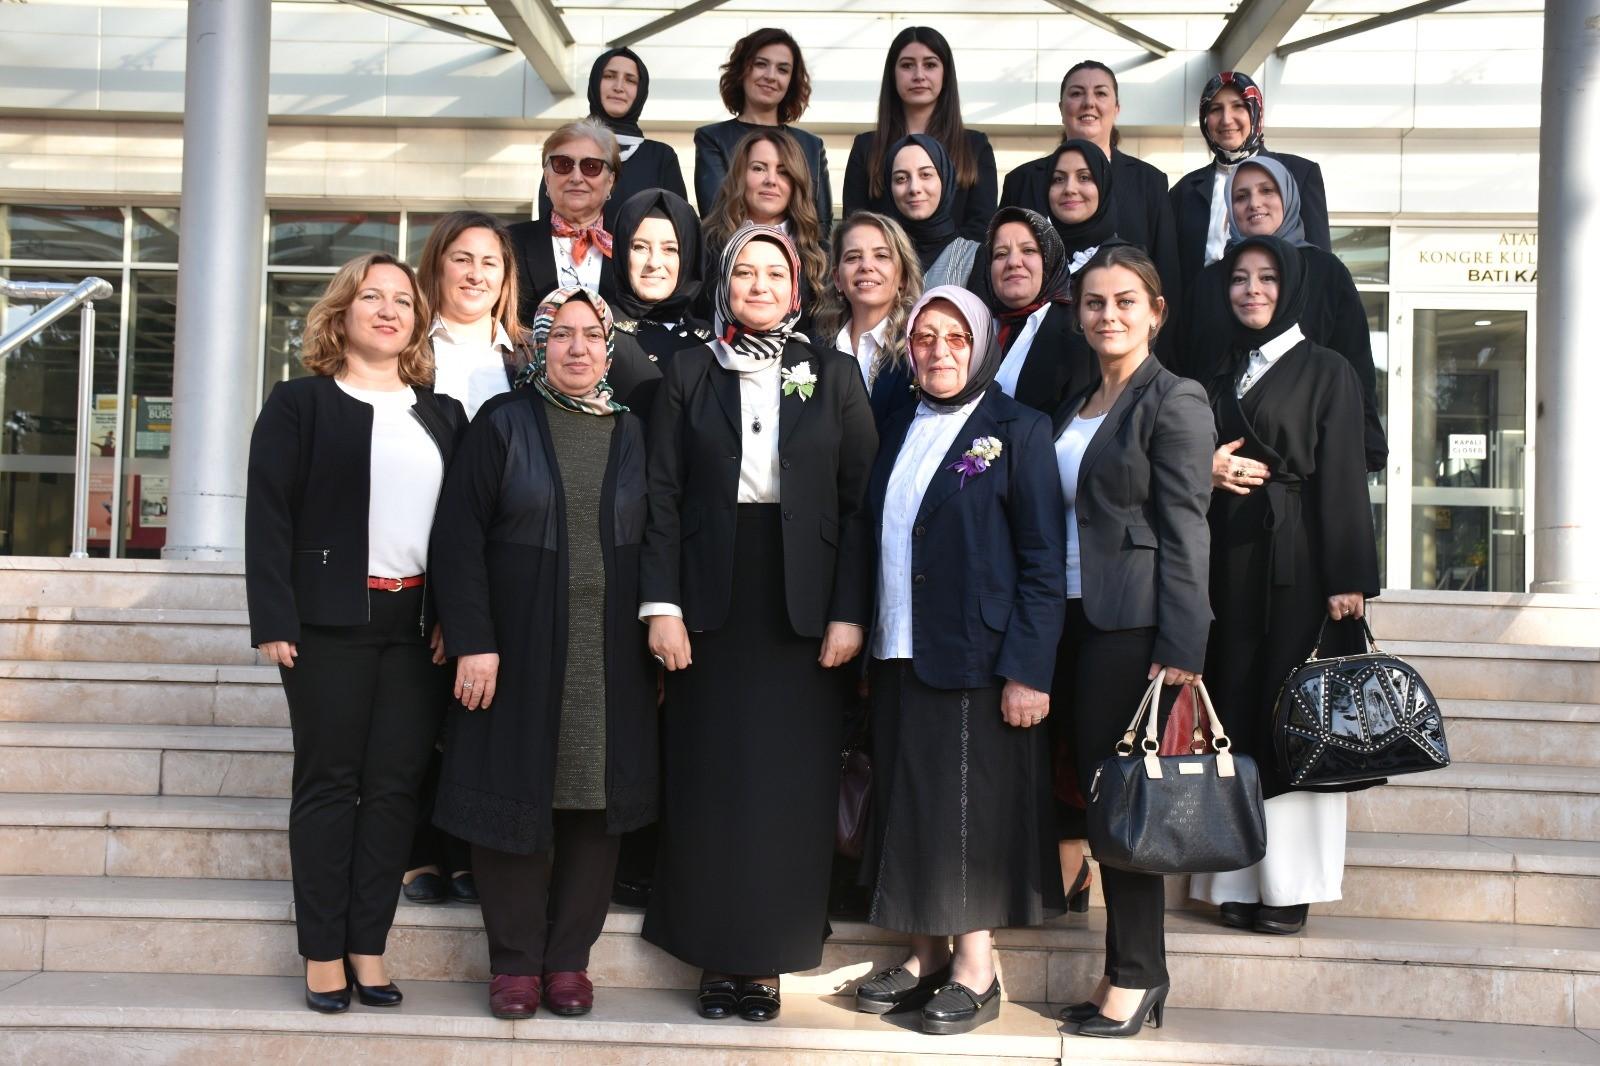 Öğr. Gör. Ayşe Energin, Bursa Kent Konseyi Kadın Meclisi Yürütme Kuruluna Seçildi